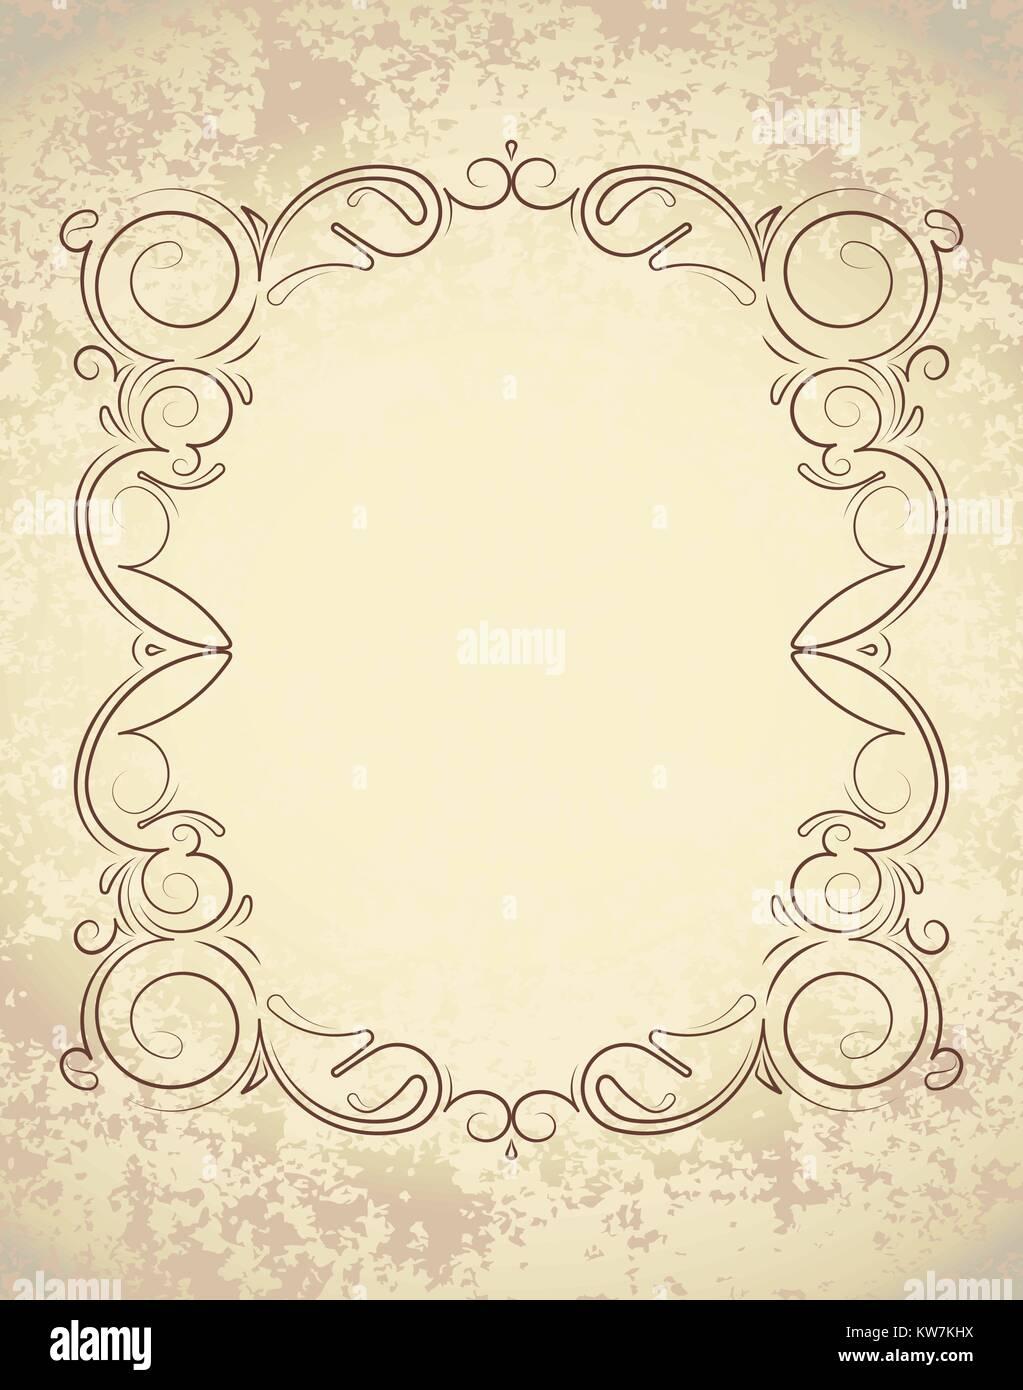 https www alamyimages fr photo image ancien cadre sur le papier avec de l espace vide pour le texte retro vintage carte de voeux invitation ou gabarit pour les notes 170428774 html